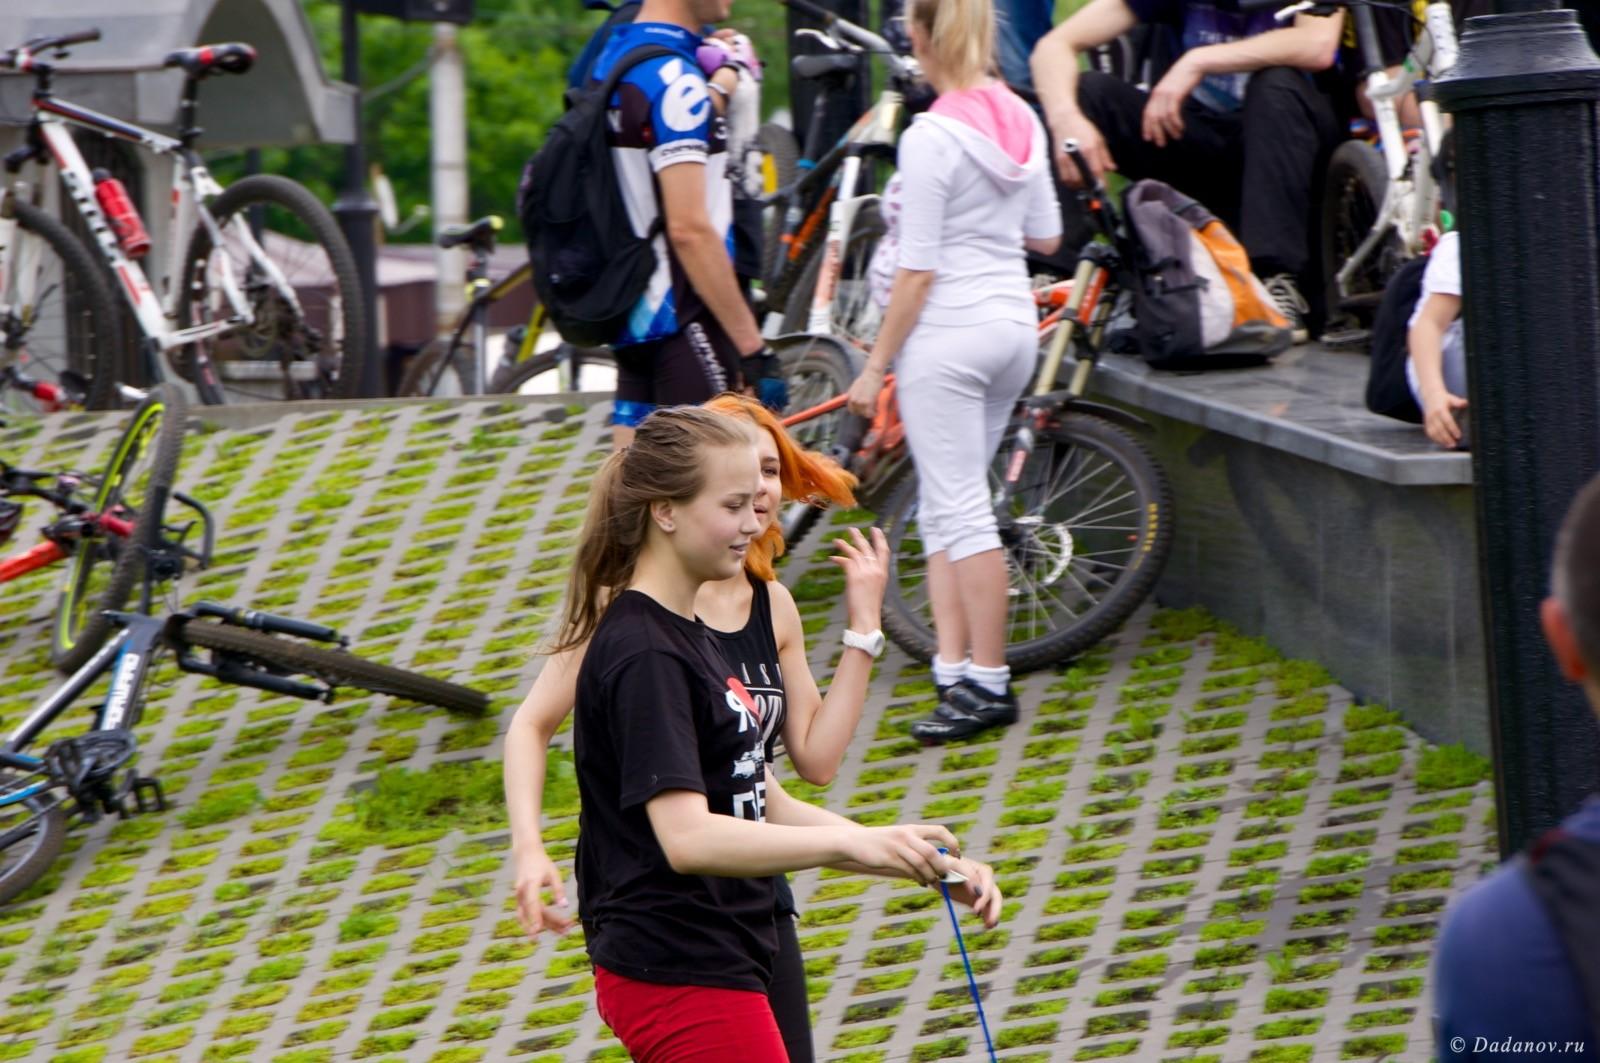 Велодень 2016 в Липецке состоялся. Фотографии с мероприятия 3086